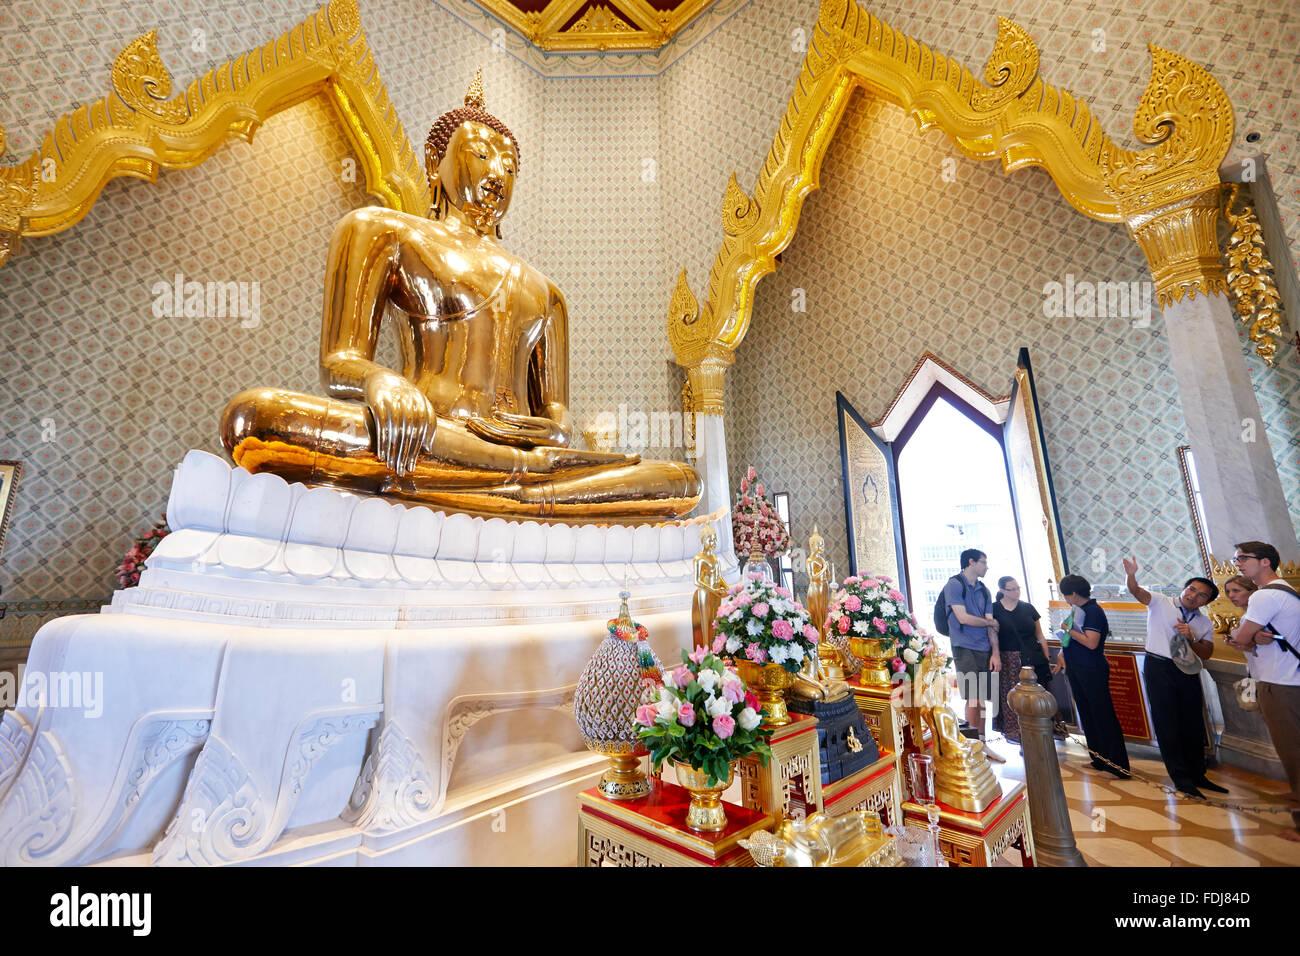 Oro massiccio immagine del Buddha in Wat Traimit Temple. Bangkok, Tailandia. Immagini Stock